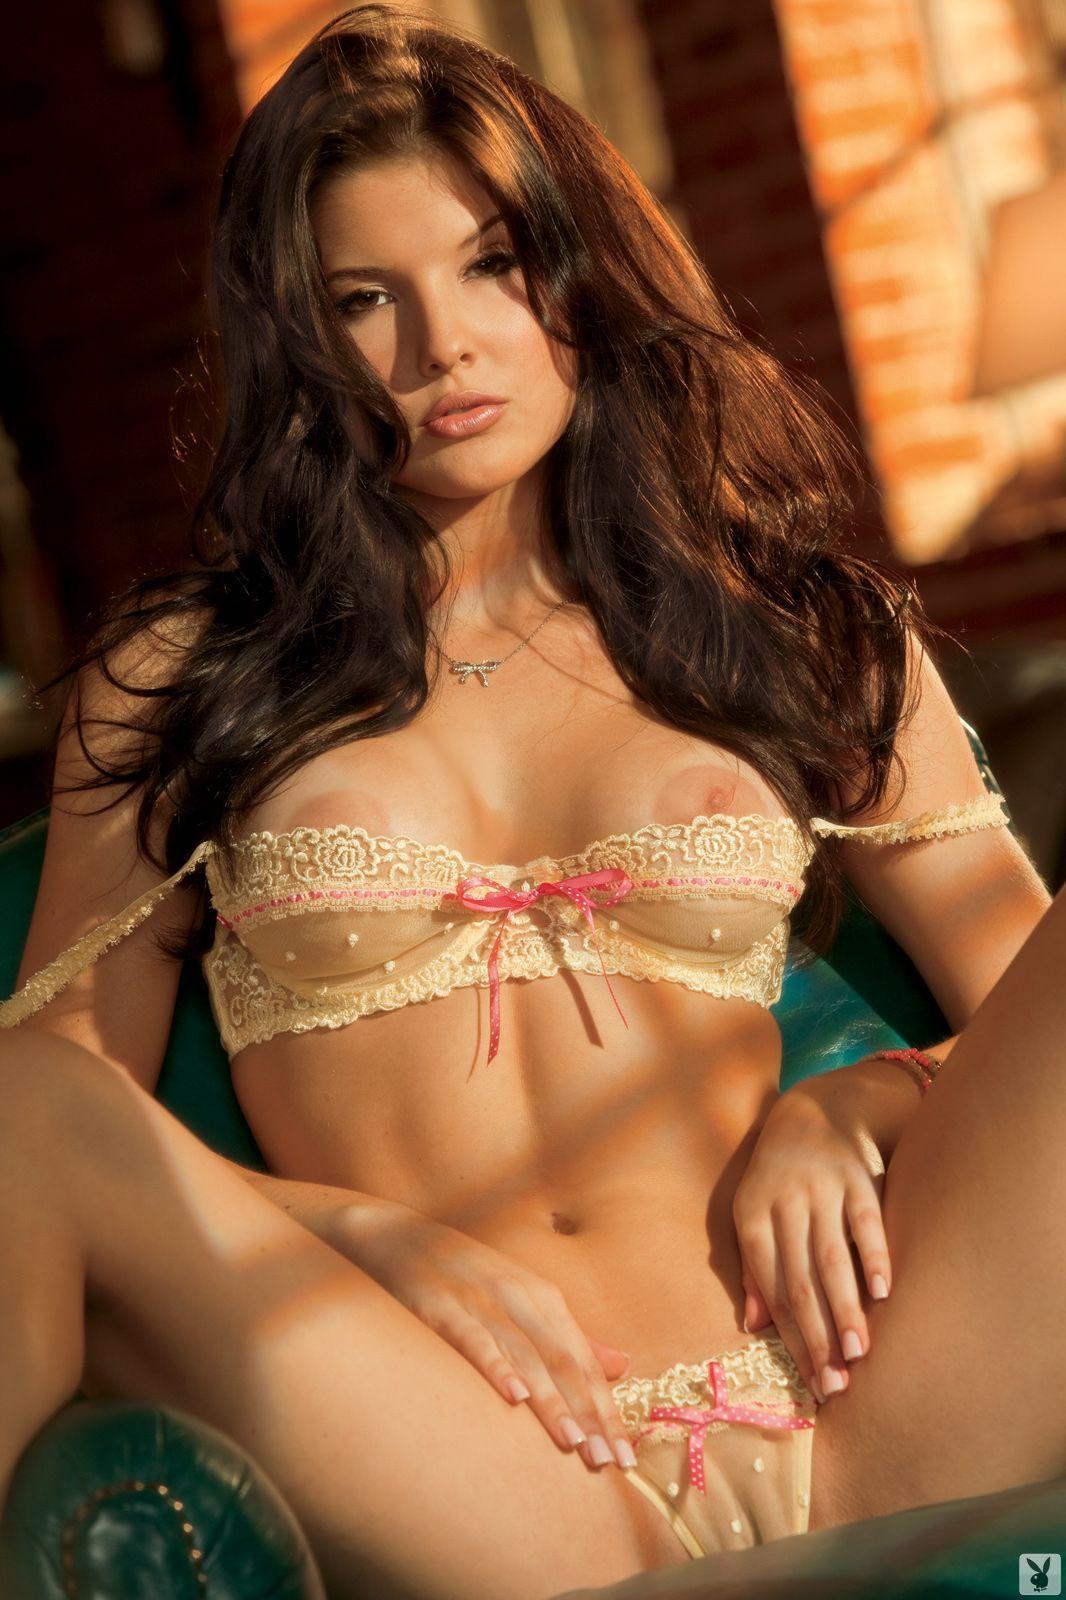 Amanda crew naked hot pussy, malu girls nude